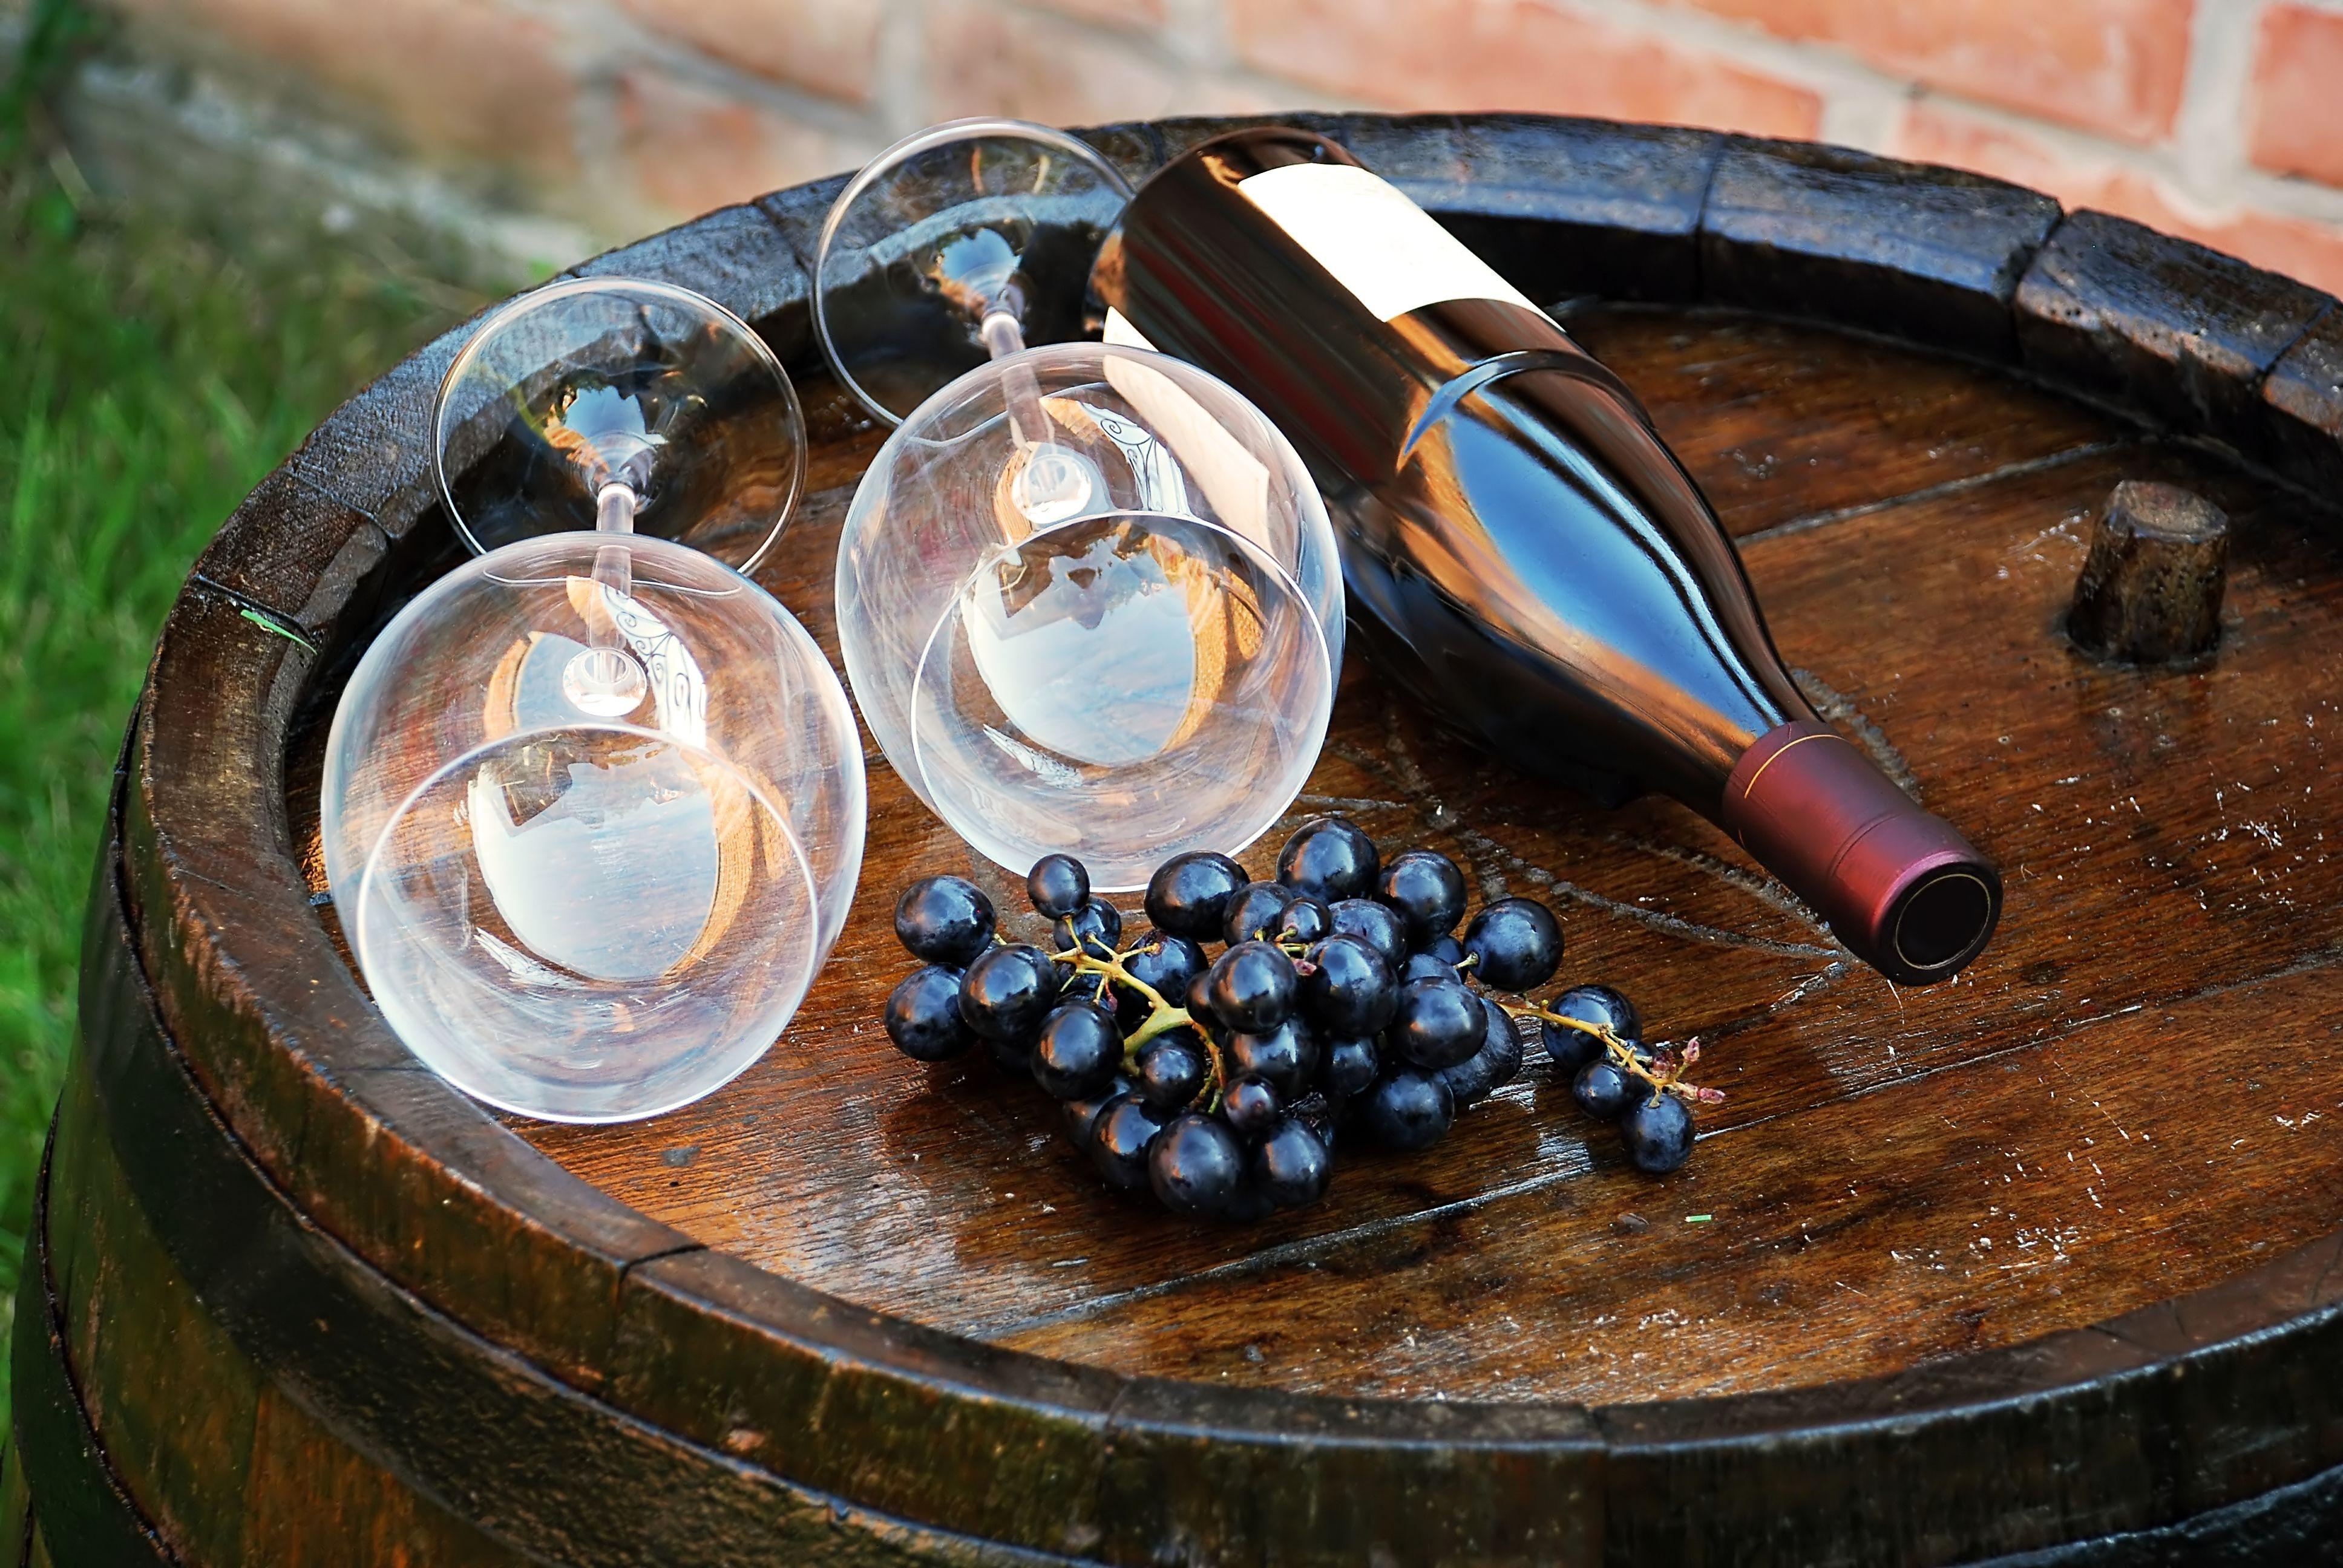 Такой разный Пино нуар: виноград, из которого делают красное бургундское